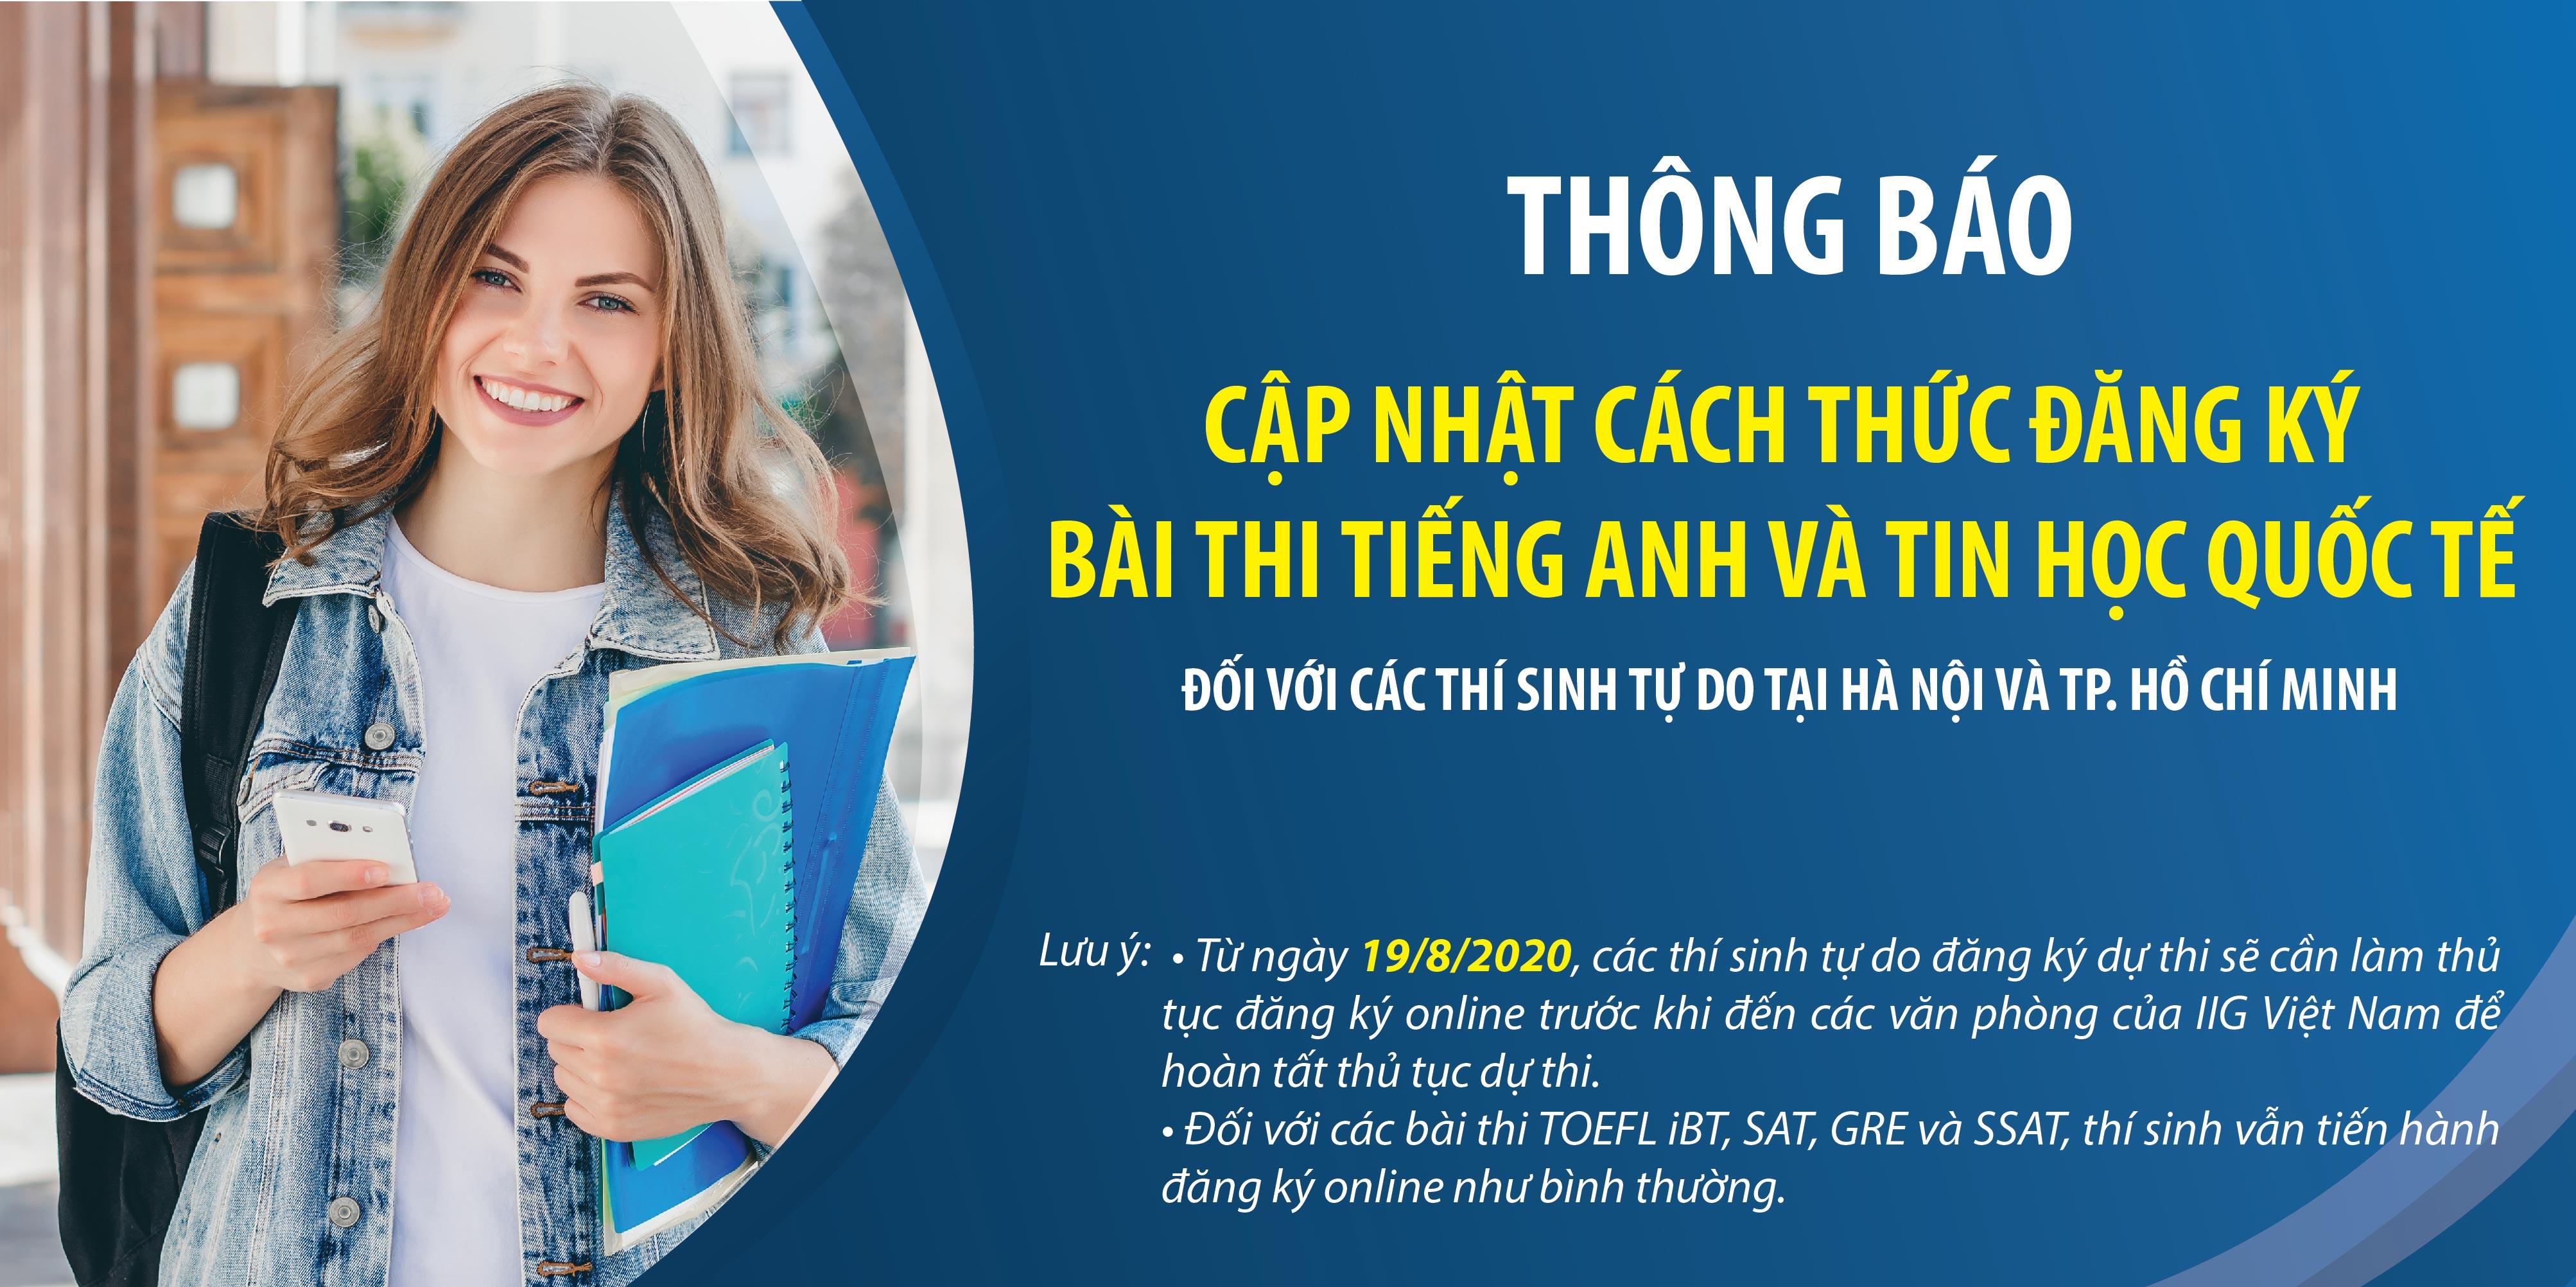 Thông báo cập nhật cách thức đăng ký bài thi tiếng Anh và Tin học quốc tế đối với các thí sinh tự do tại Hà Nội và TP. Hồ Chí Minh